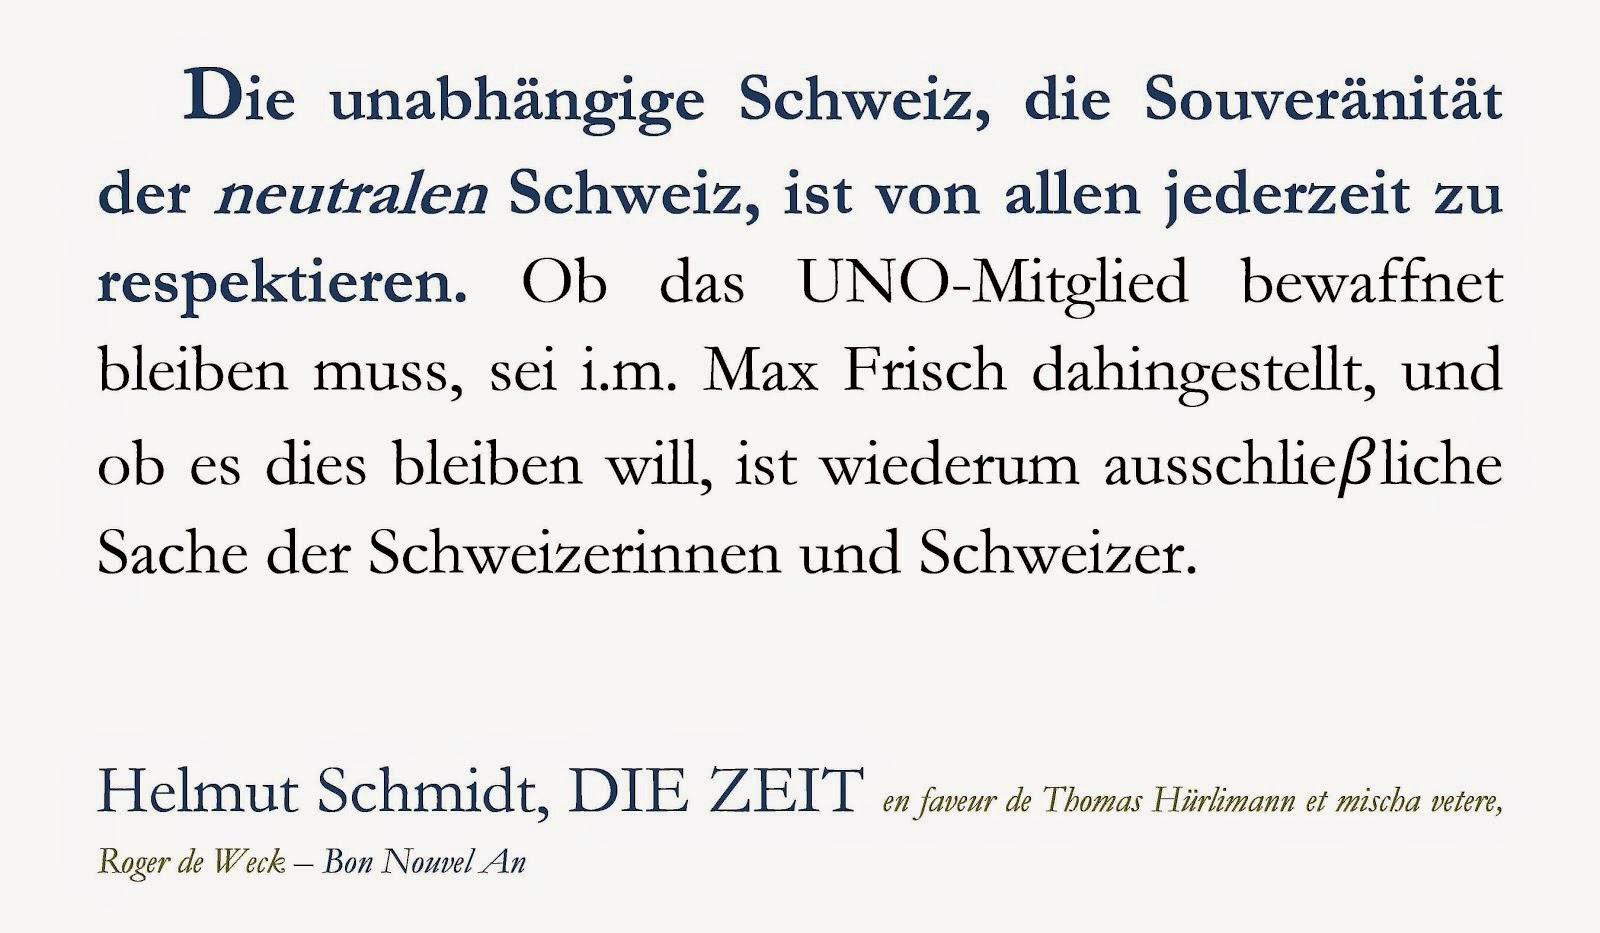 helmut schmidt THE MENTAL REVOLUTIon mischa vetere QUEEN elizabeth II suisse uk ger new year 14